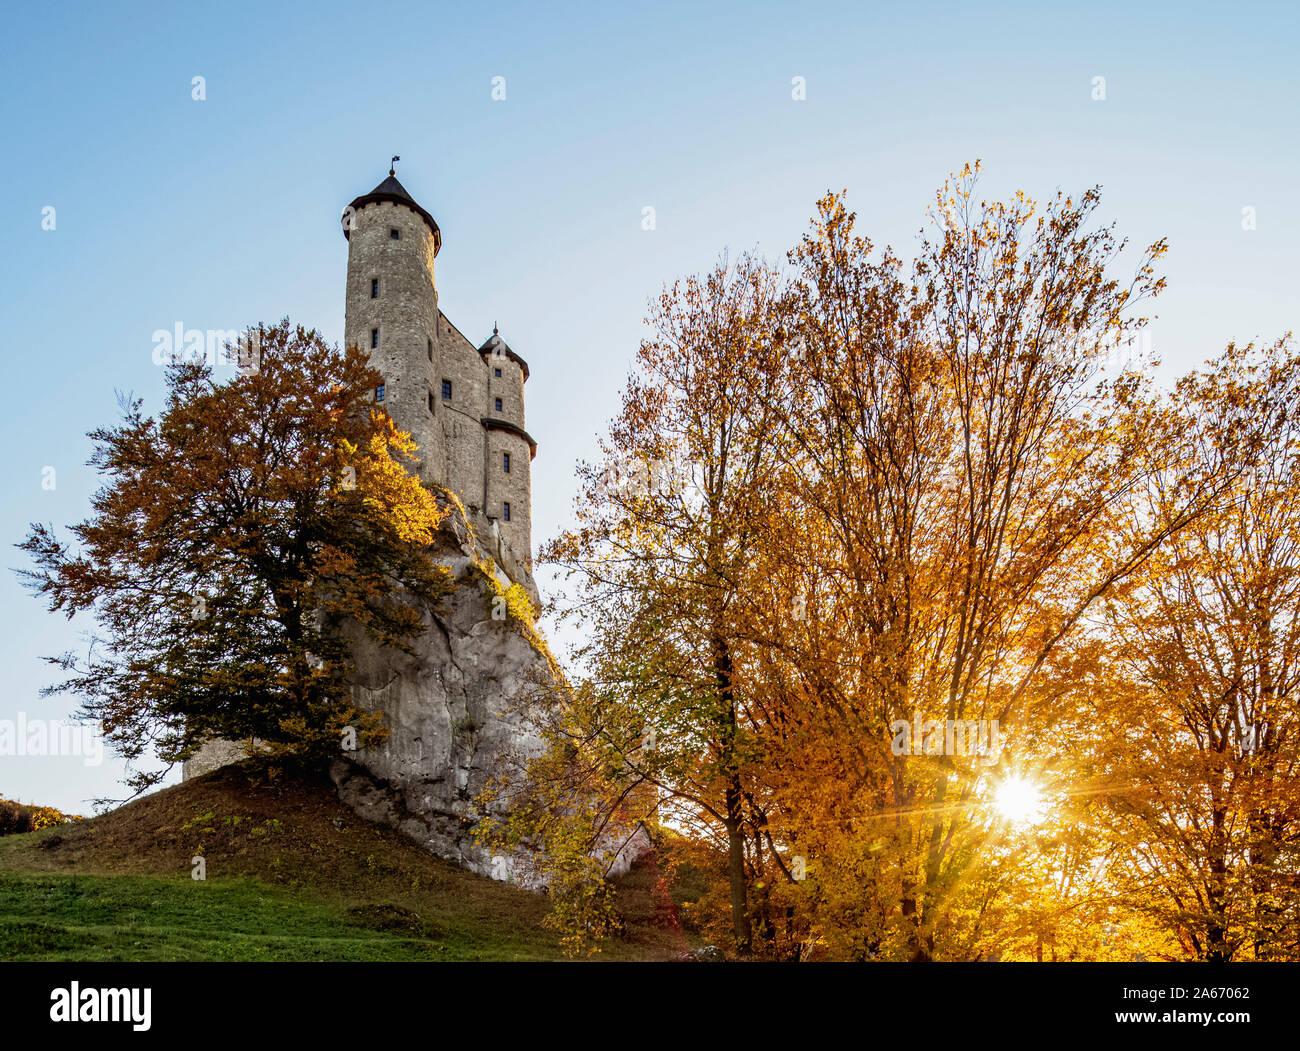 Bobolice Castillo real al atardecer, Sendero de los nidos de águila, Krakow-Czestochowa Upland o polaco Jurassic Highland, Voivodato de Silesia, Polonia Foto de stock